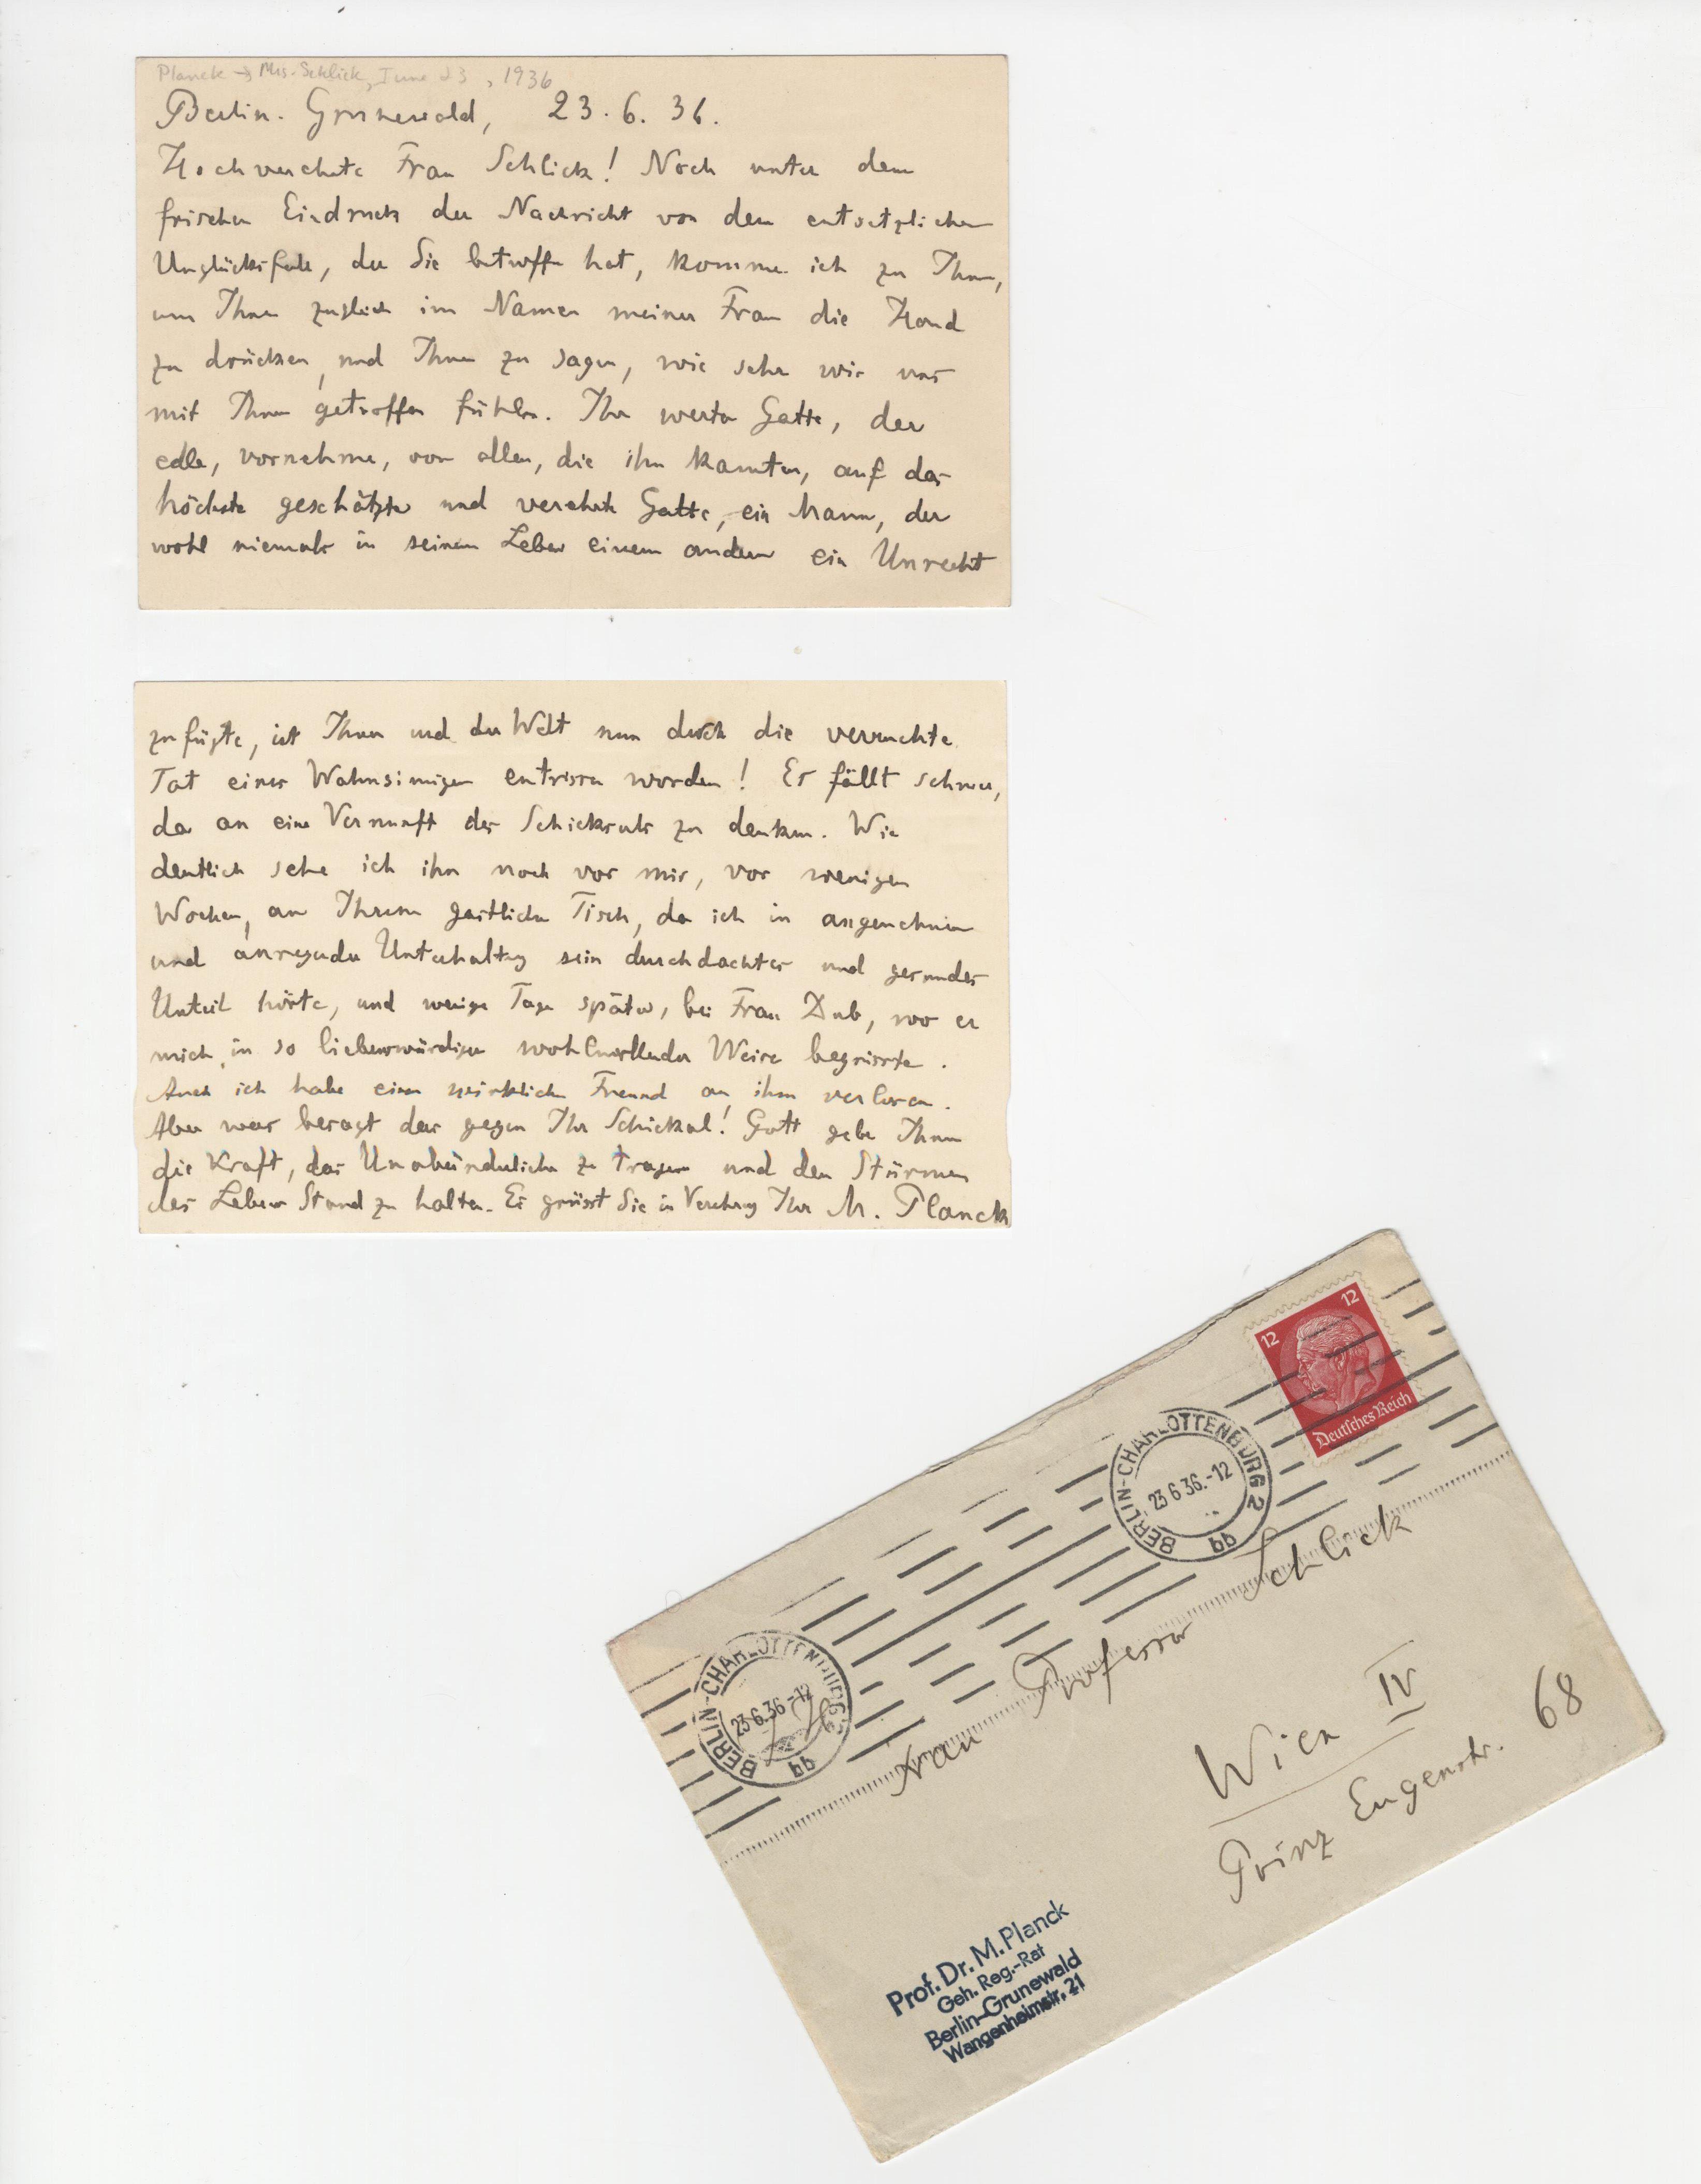 Nobel Laureate Max Planck Signed Letter on The Murder of Moritz Schlick